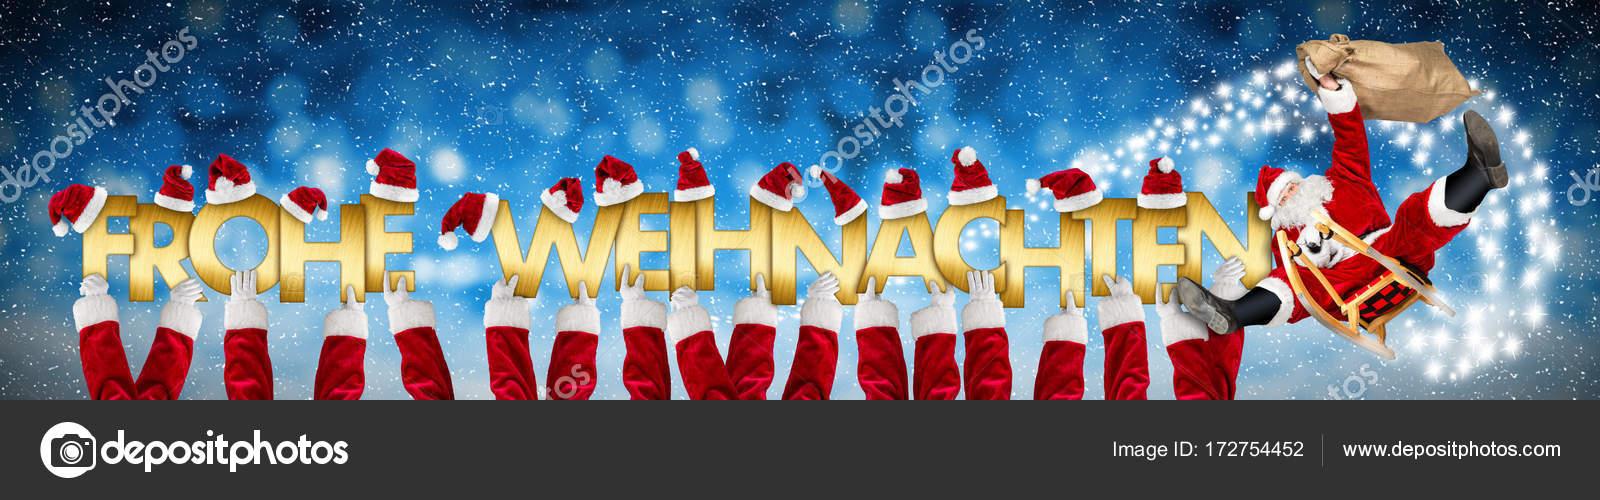 Deutsche Weihnachten Gruß Frohe Wohnaccesoires Englische übersetzung